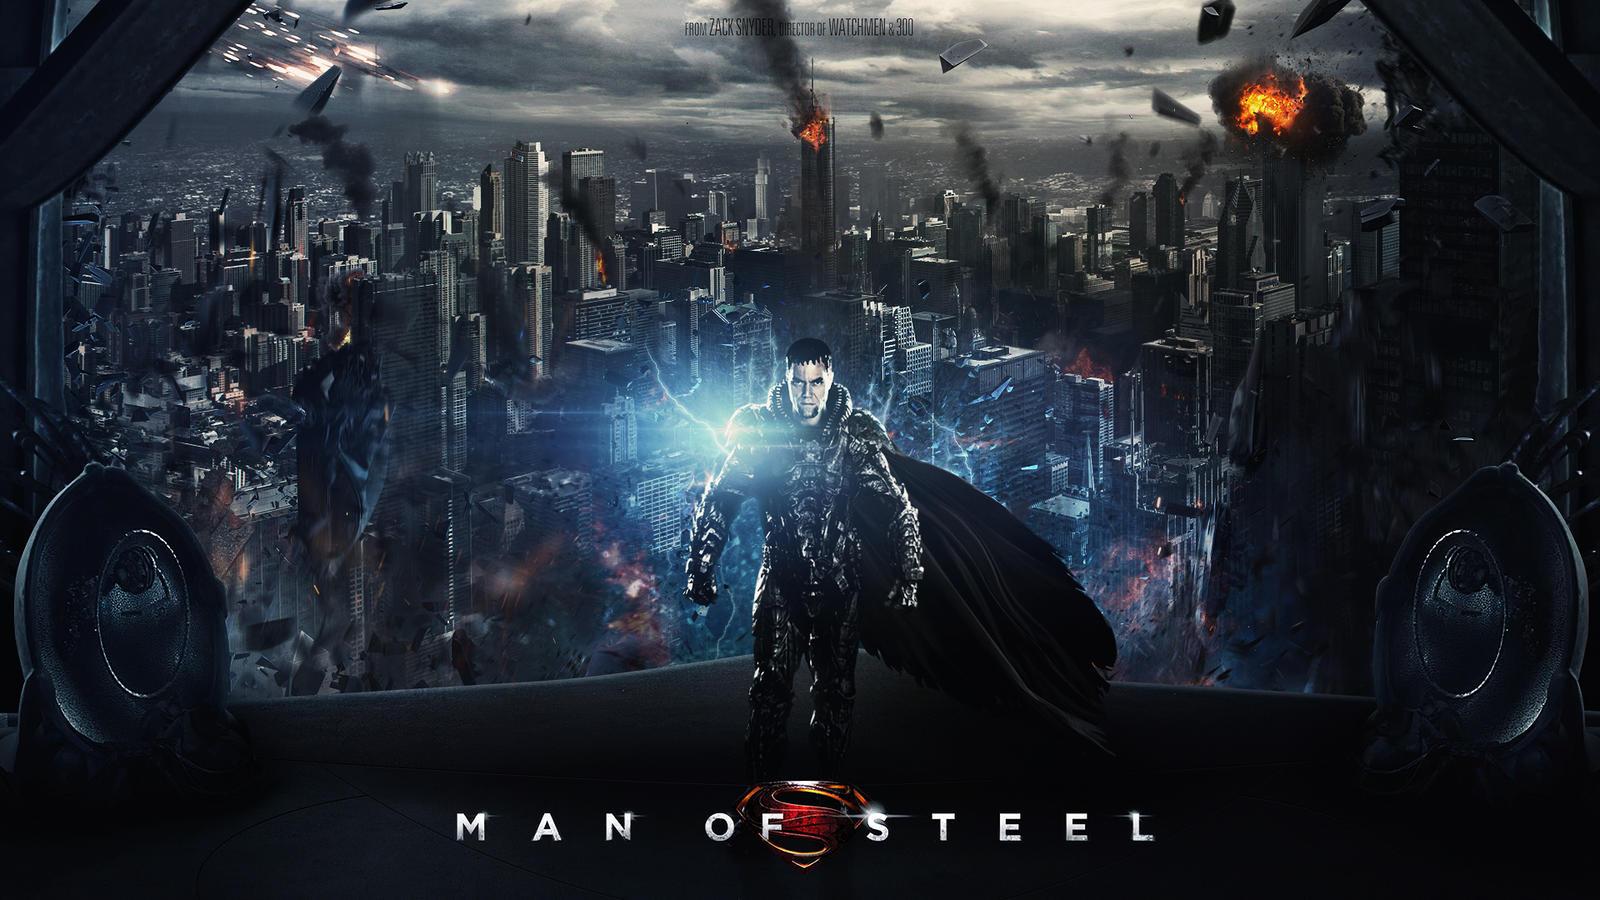 Man of Steel - General ZOD wallpaper by visuasysMan Of Steel Wallpaper Zod